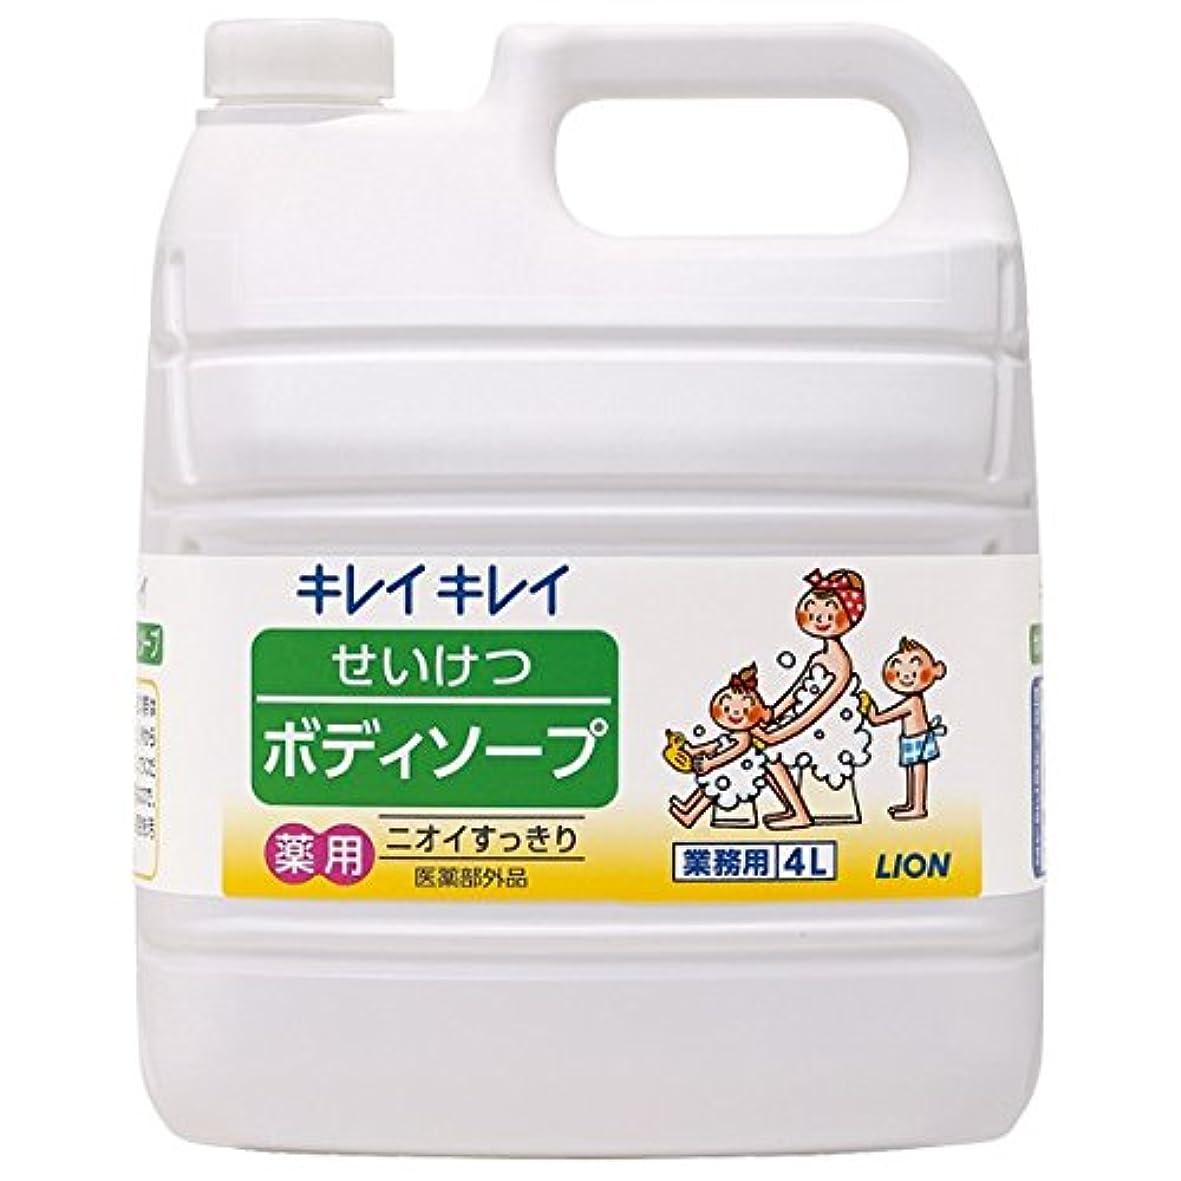 トランジスタむしろ強度ライオン キレイキレイ せいけつボディソープ さわやかなレモン&オレンジの香り 業務用 4L×3本